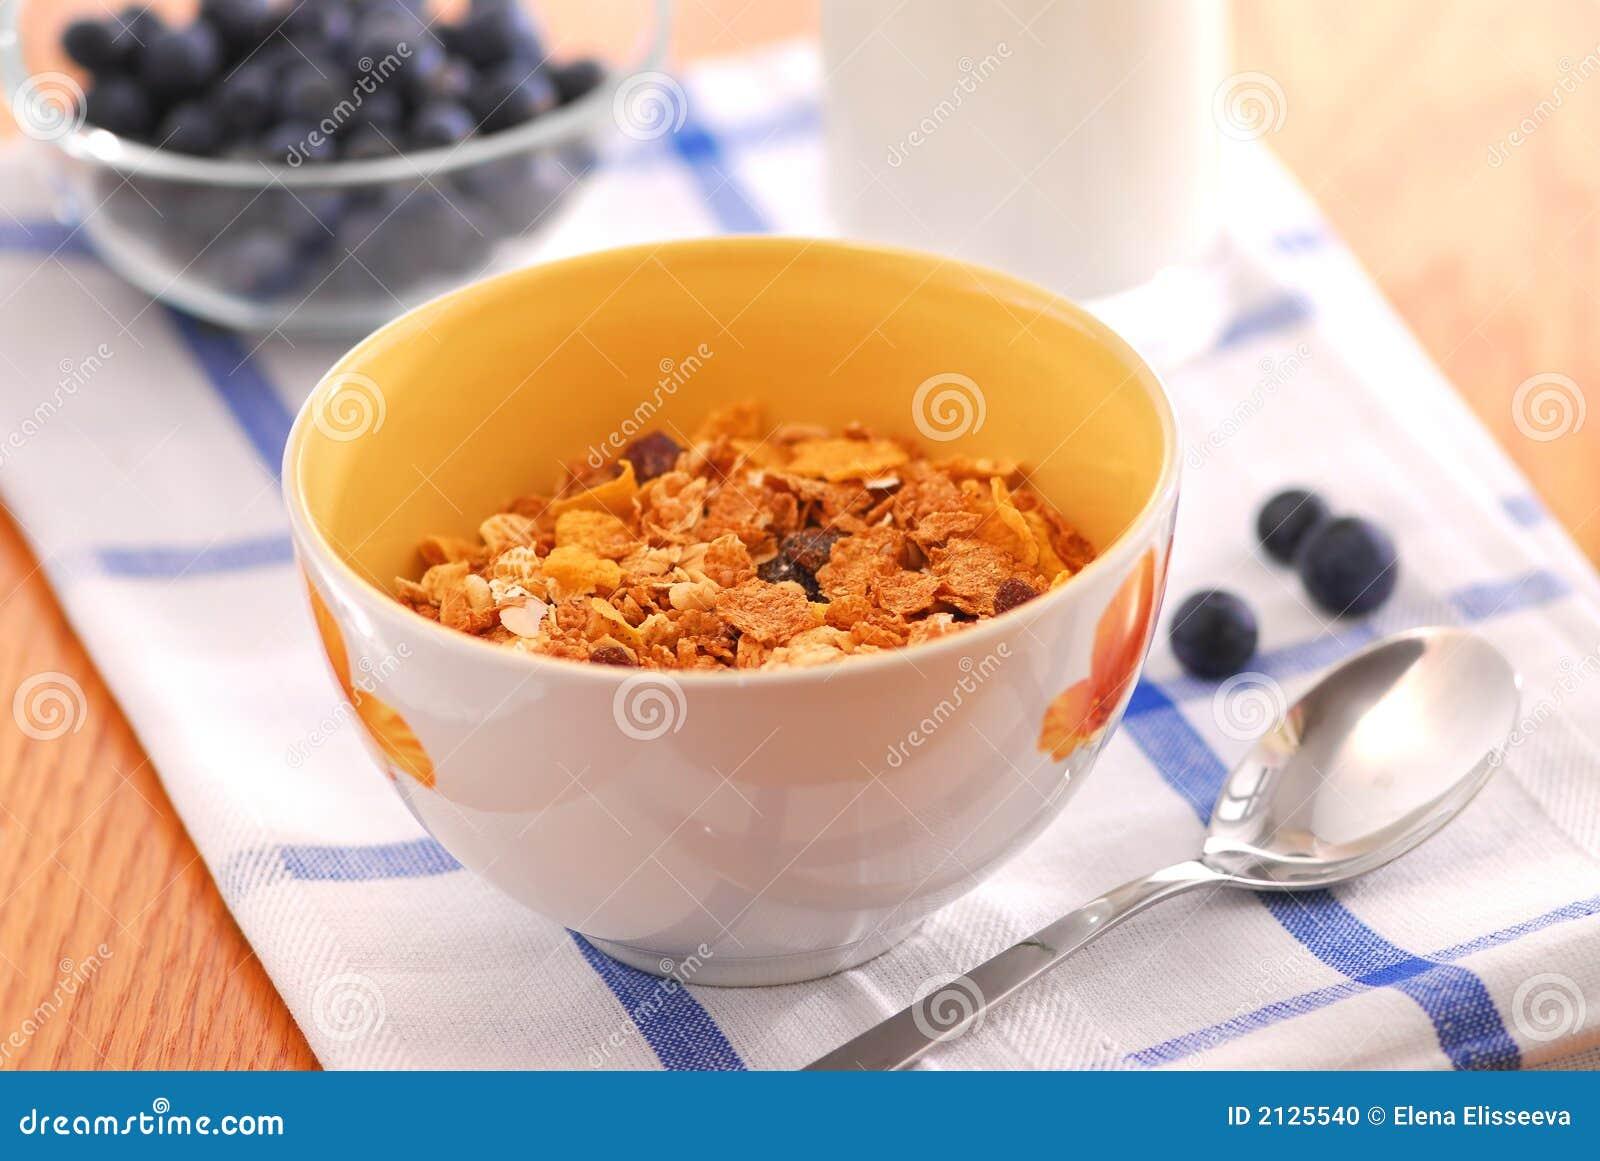 健康的早餐